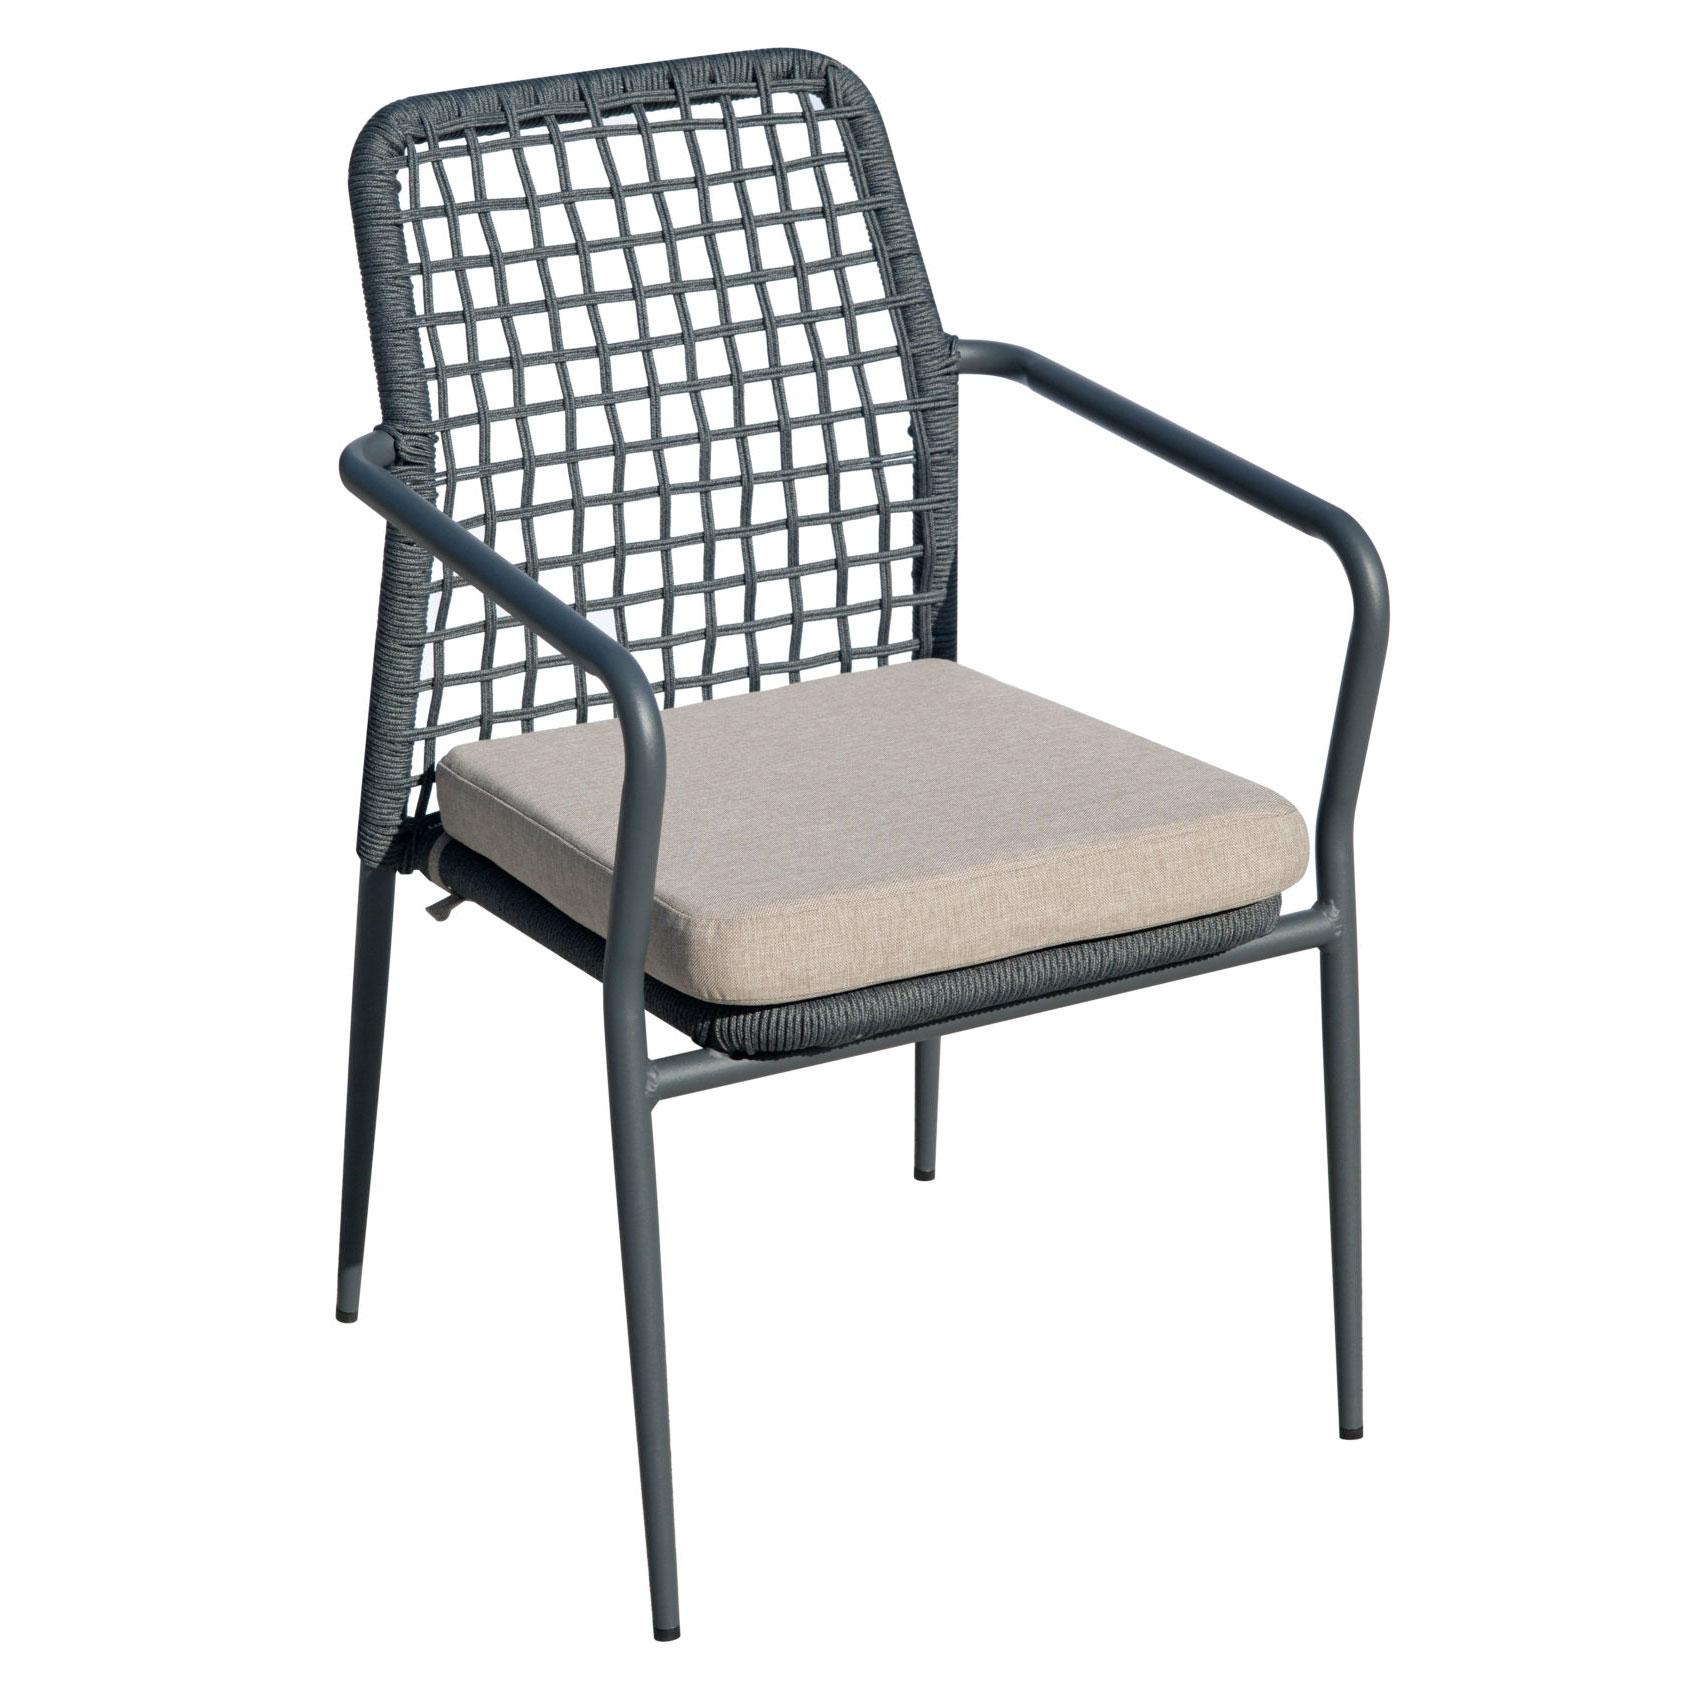 Sedie Da Giardino Alluminio.Sedia Da Giardino In Alluminio E Corda Pisa Moia Cha 29